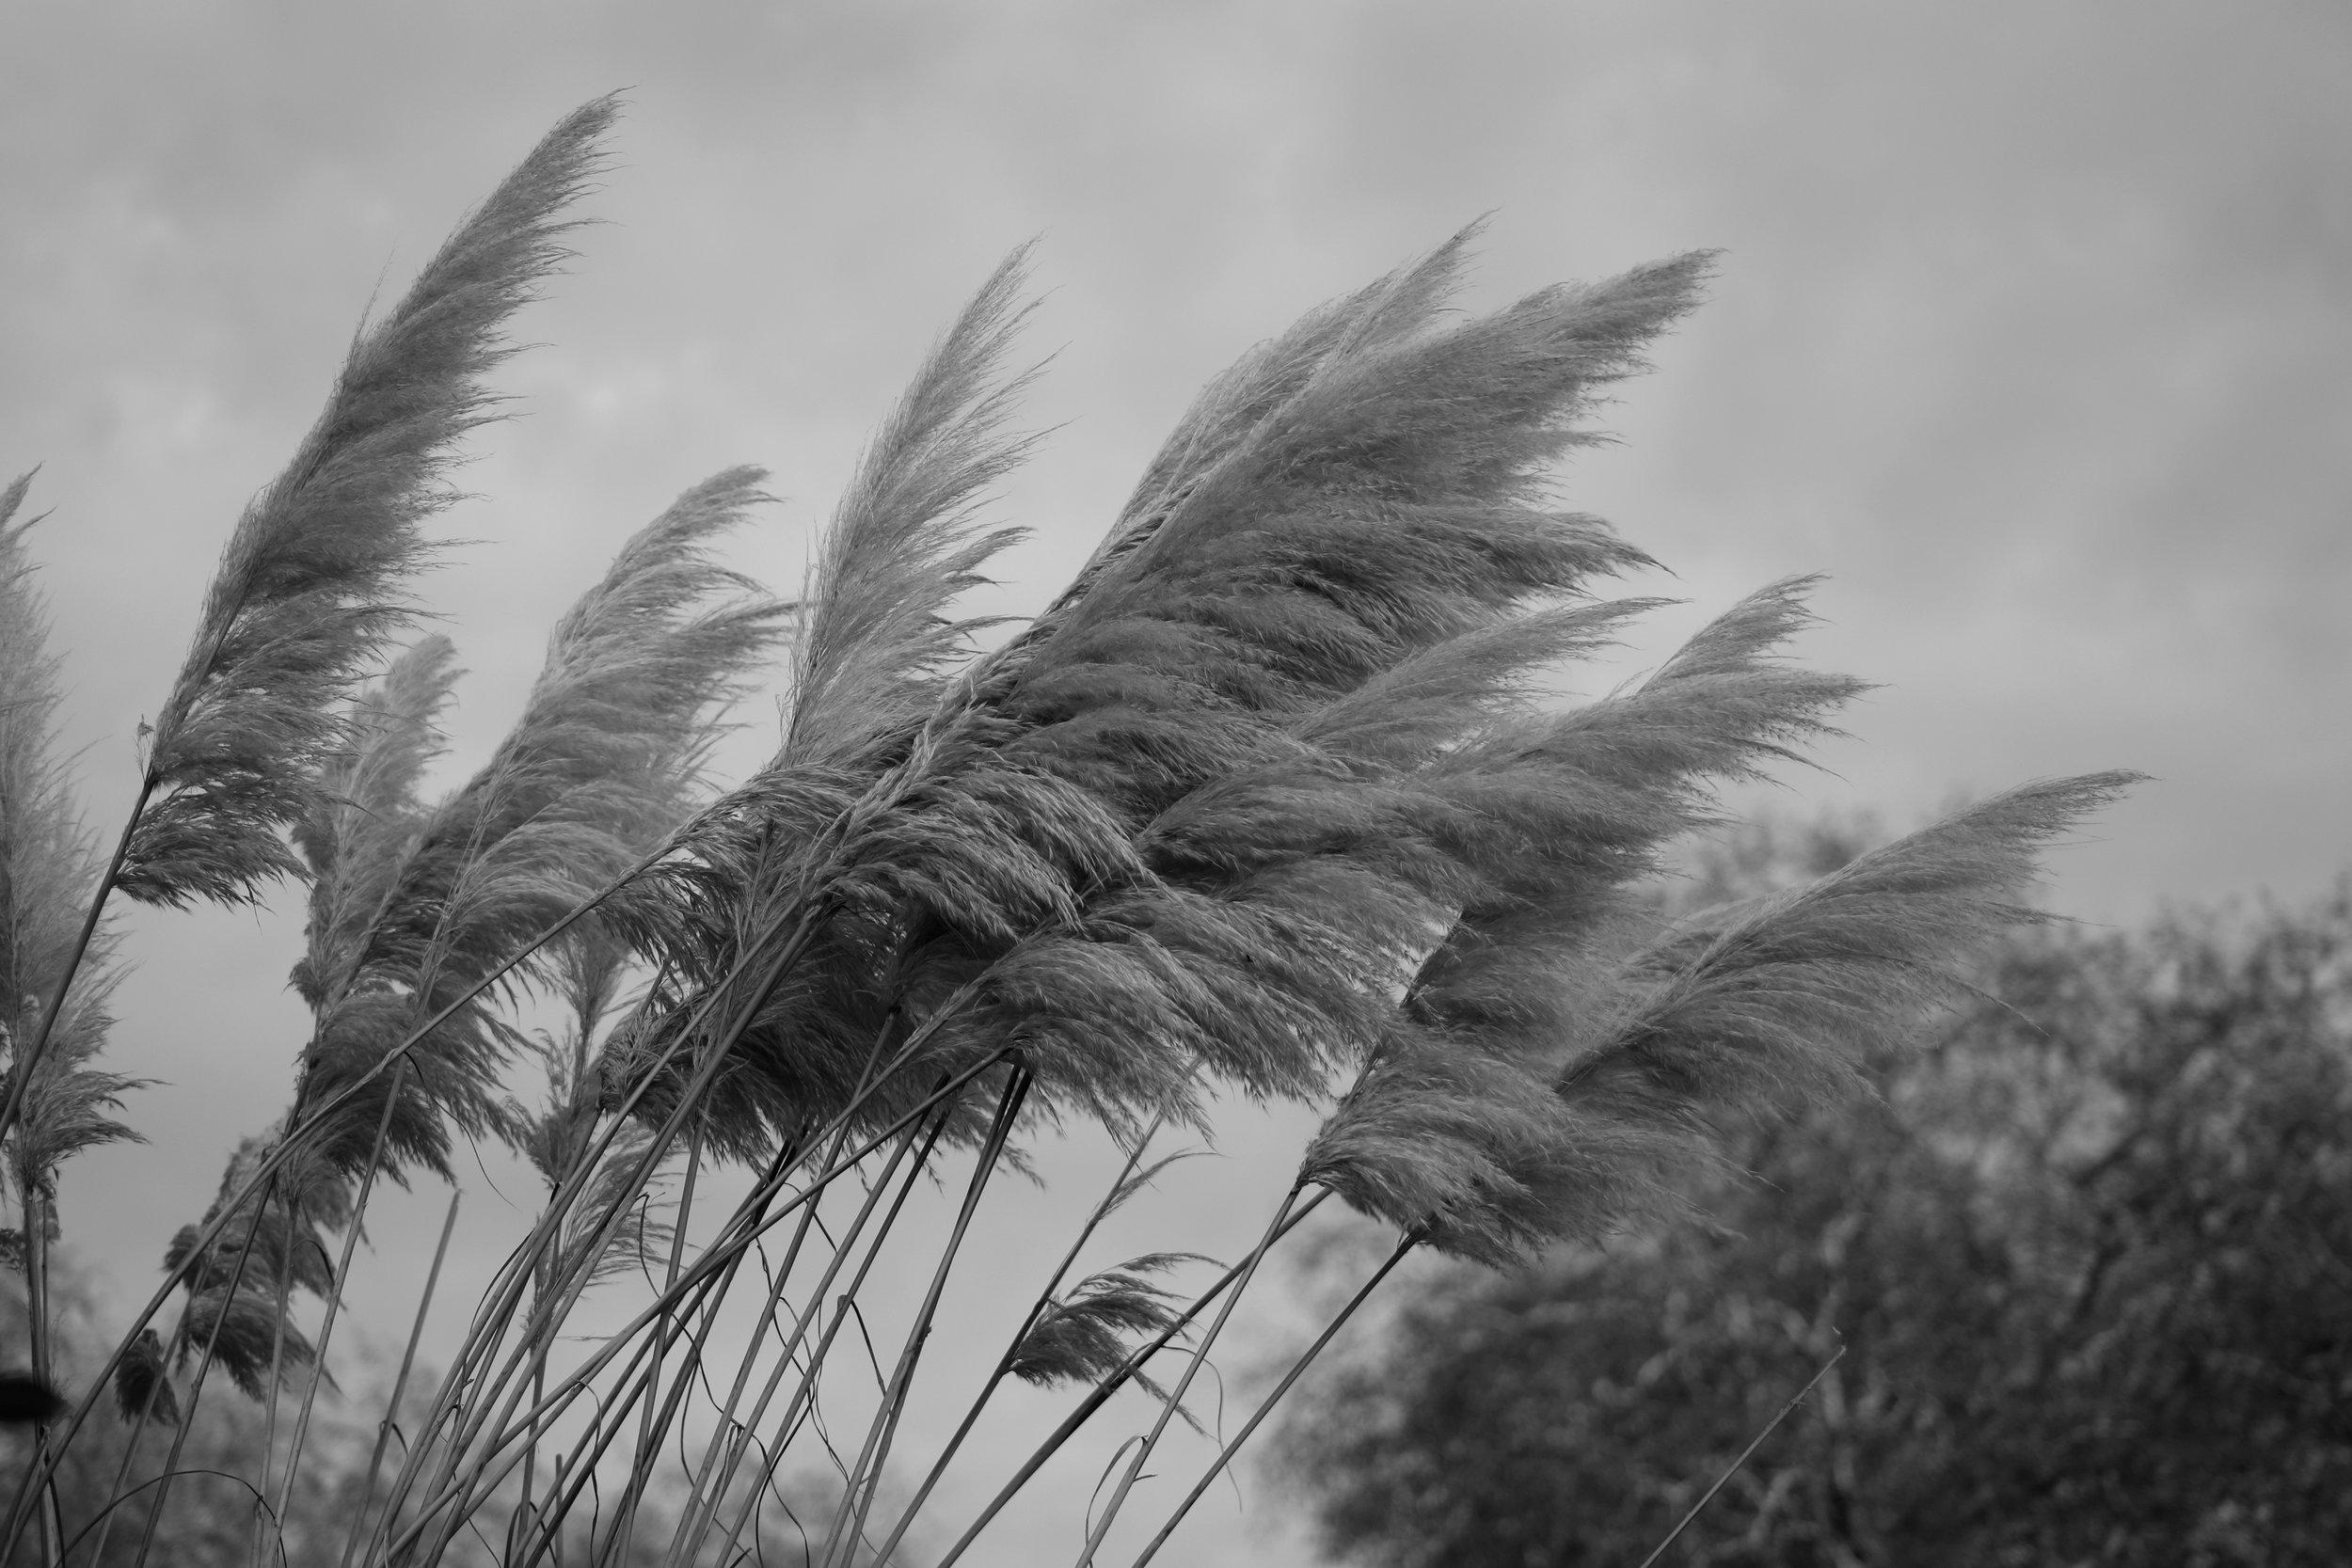 Feathery Reeds in Hyde Park, London, England   https://www.ebay.com/itm/263679716052?ssPageName=STRK:MESELX:IT&_trksid=p3984.m1555.l2649